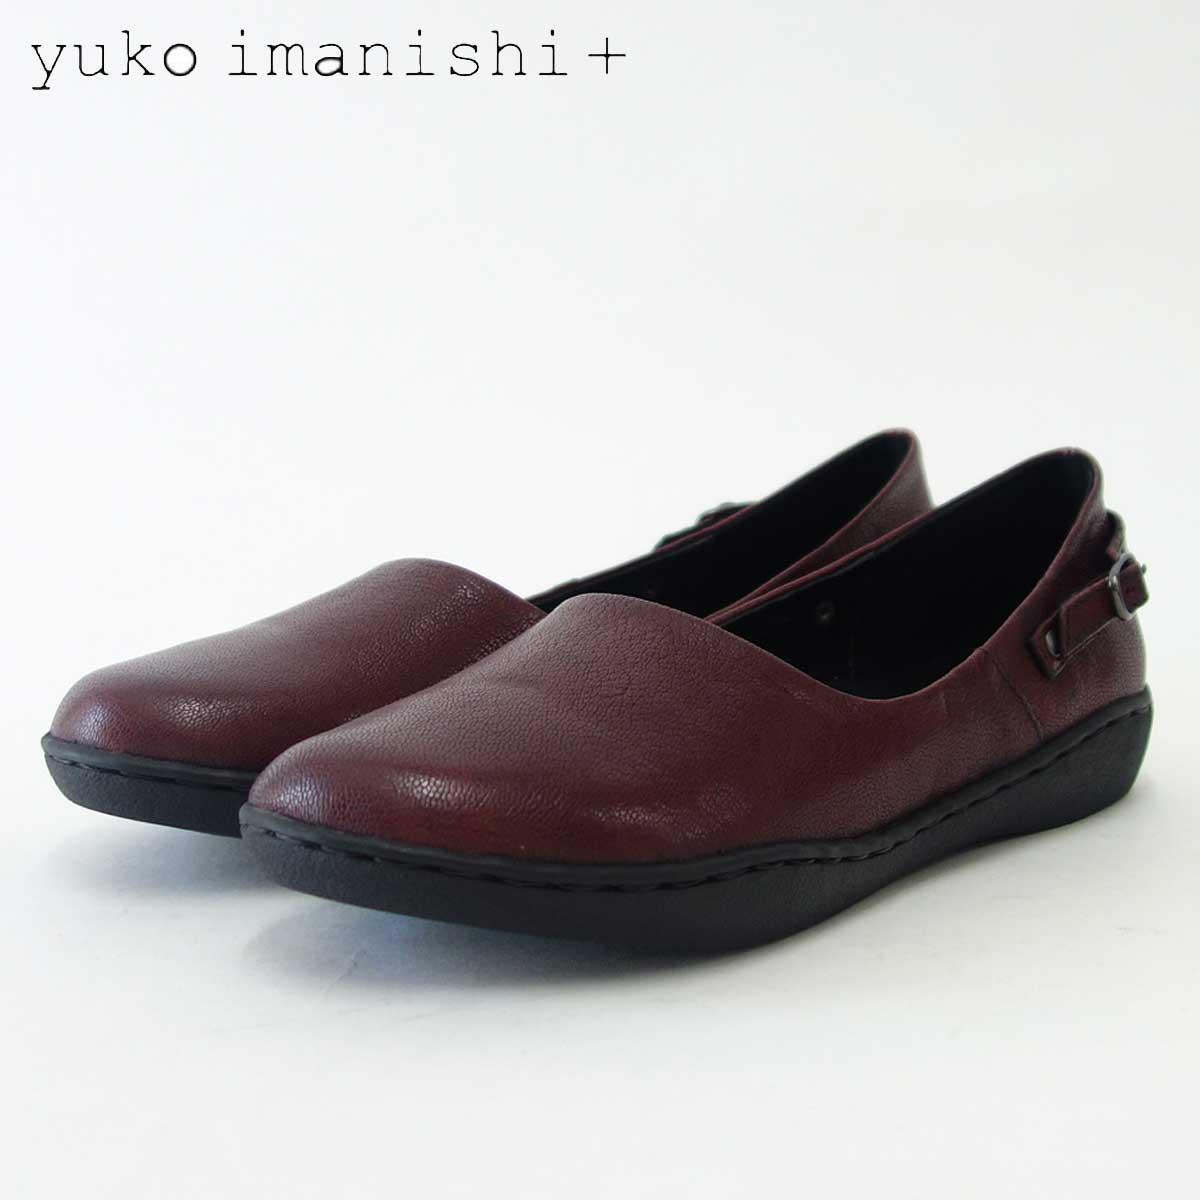 ユーコ イマニシ yuko imanishi +  77197 ワインレッド 丸トゥ フラット 2WAY スリッポンシューズ 「靴」